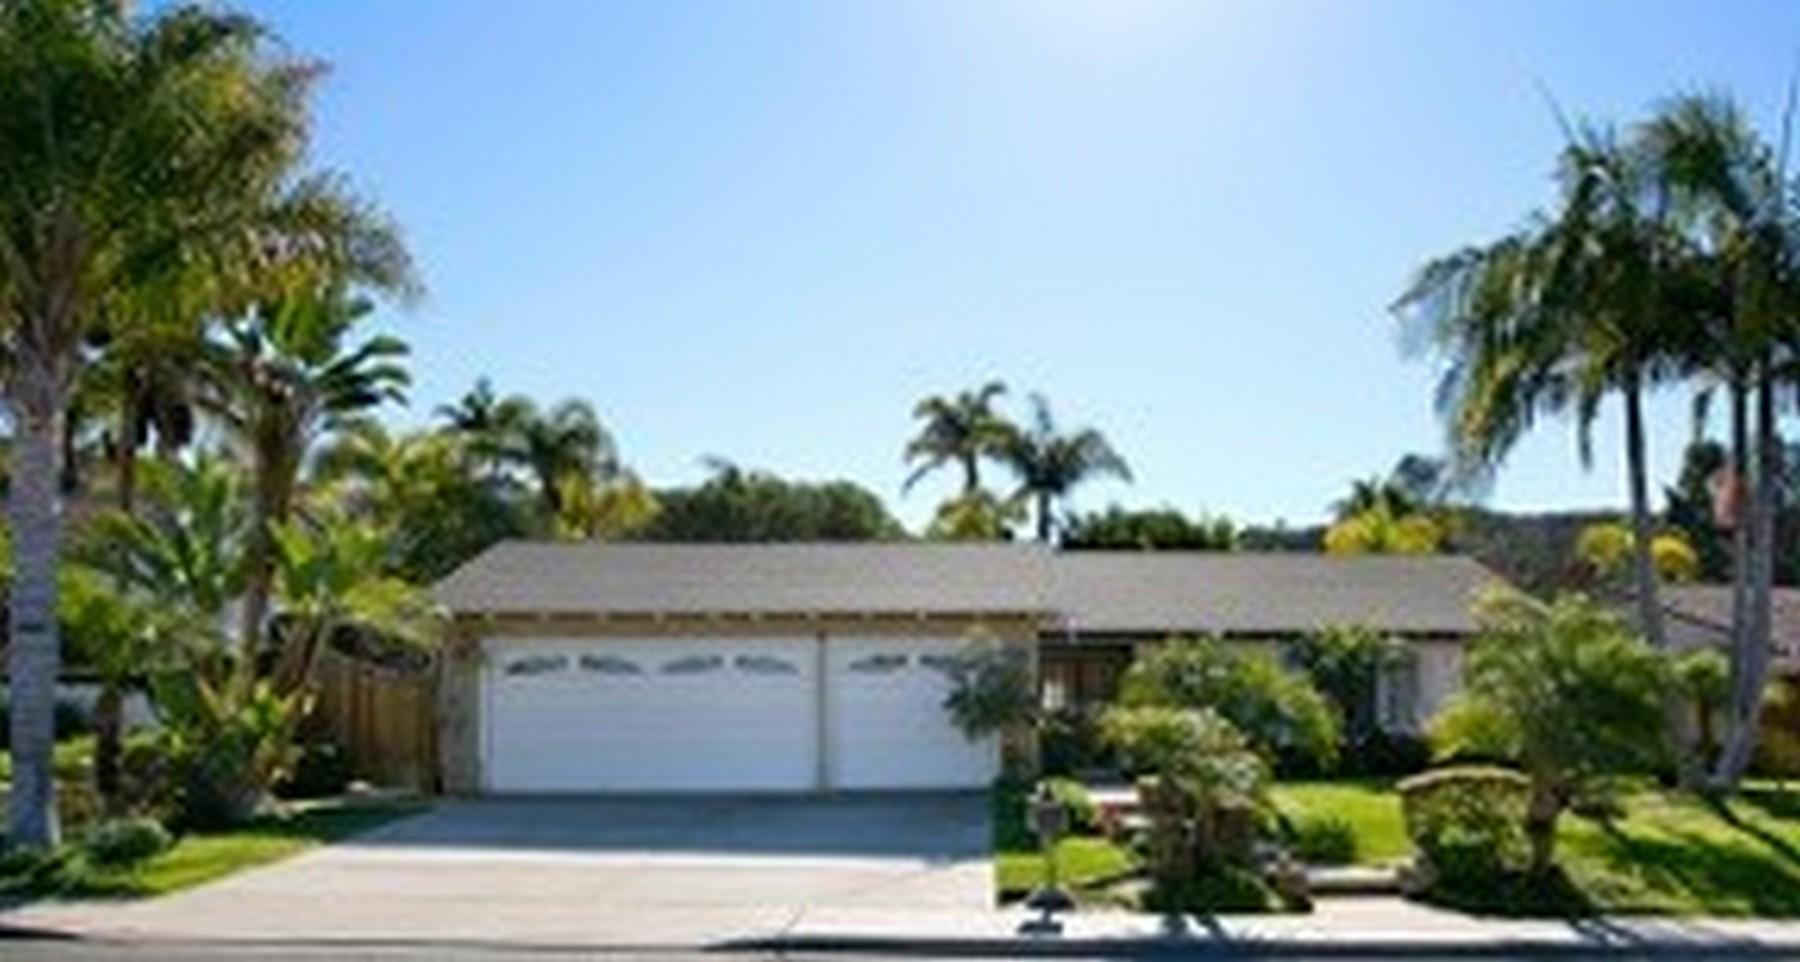 Casa Unifamiliar por un Venta en 825 Santa Hidalga Solana Beach, California, 92075 Estados Unidos